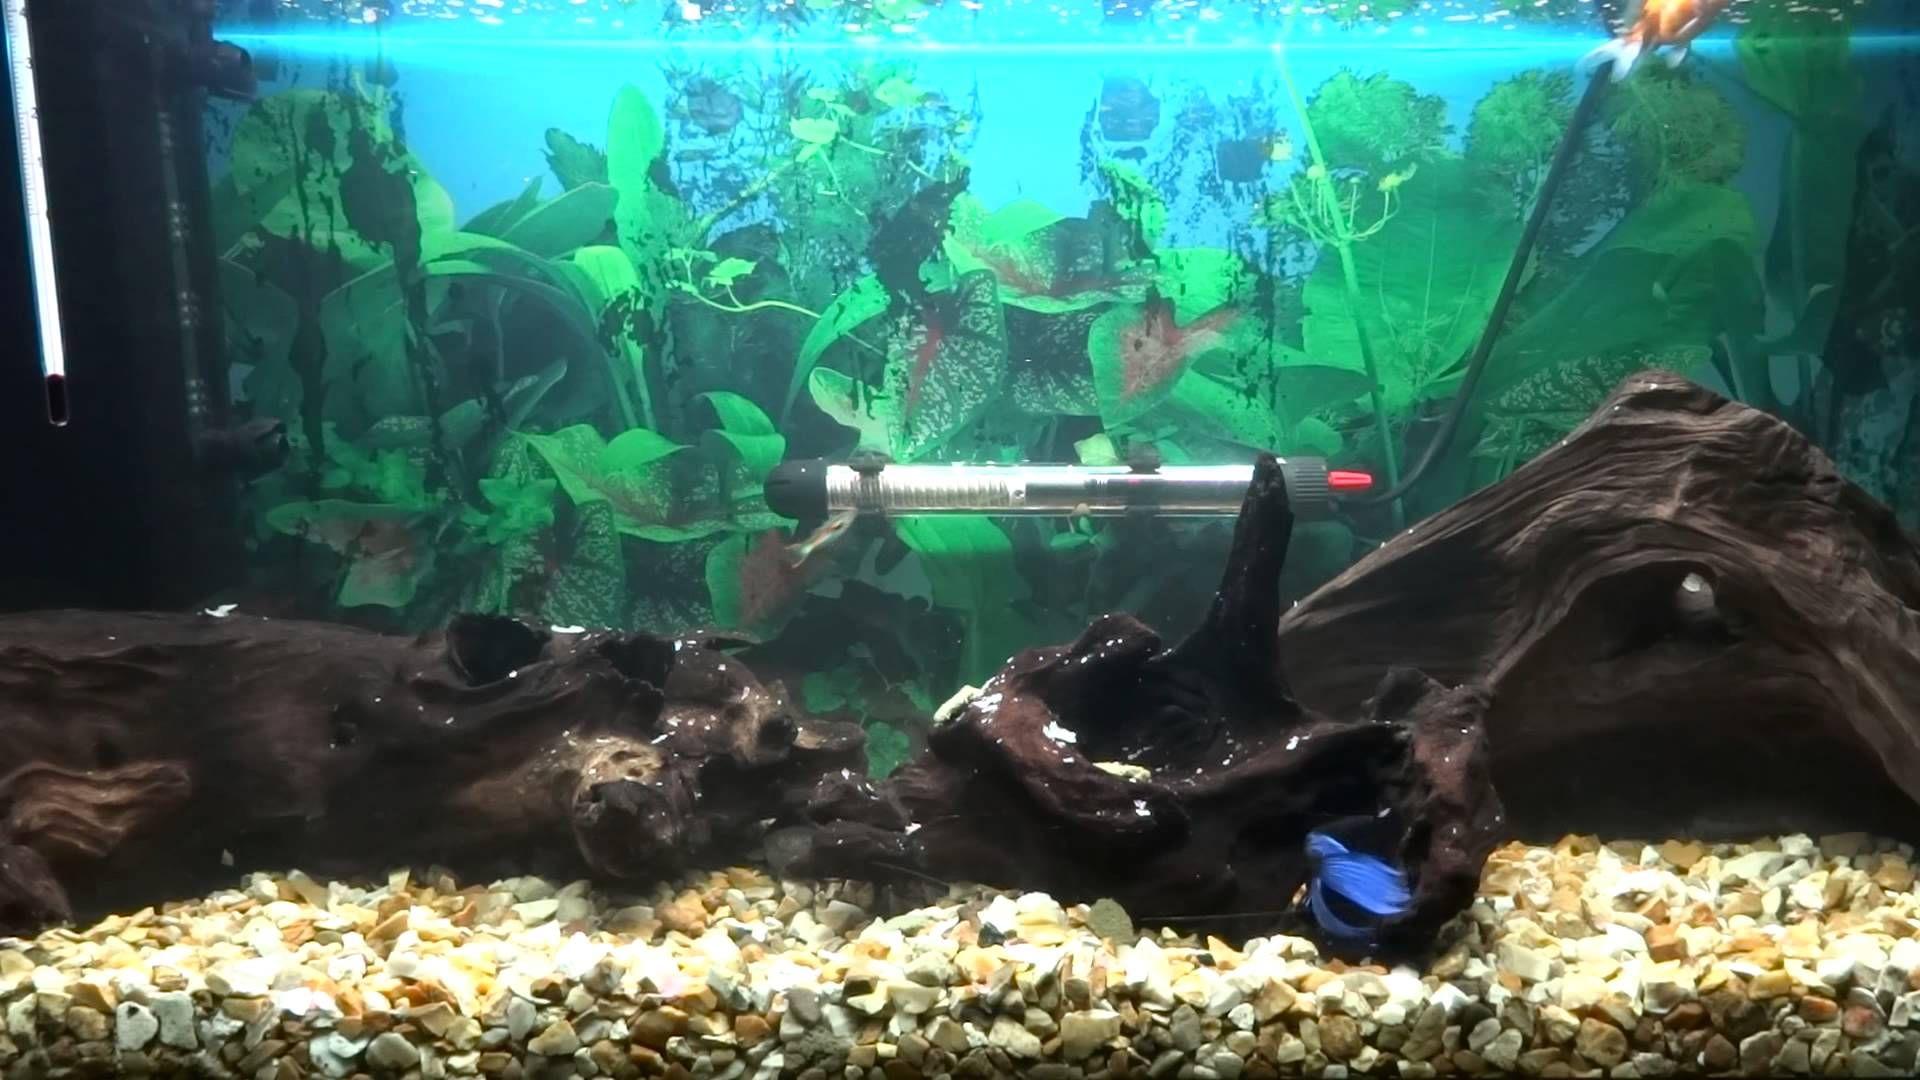 2c0d1a1e6bca26a7a686b73deb3e356d Frais De Aquarium Tropical Schème